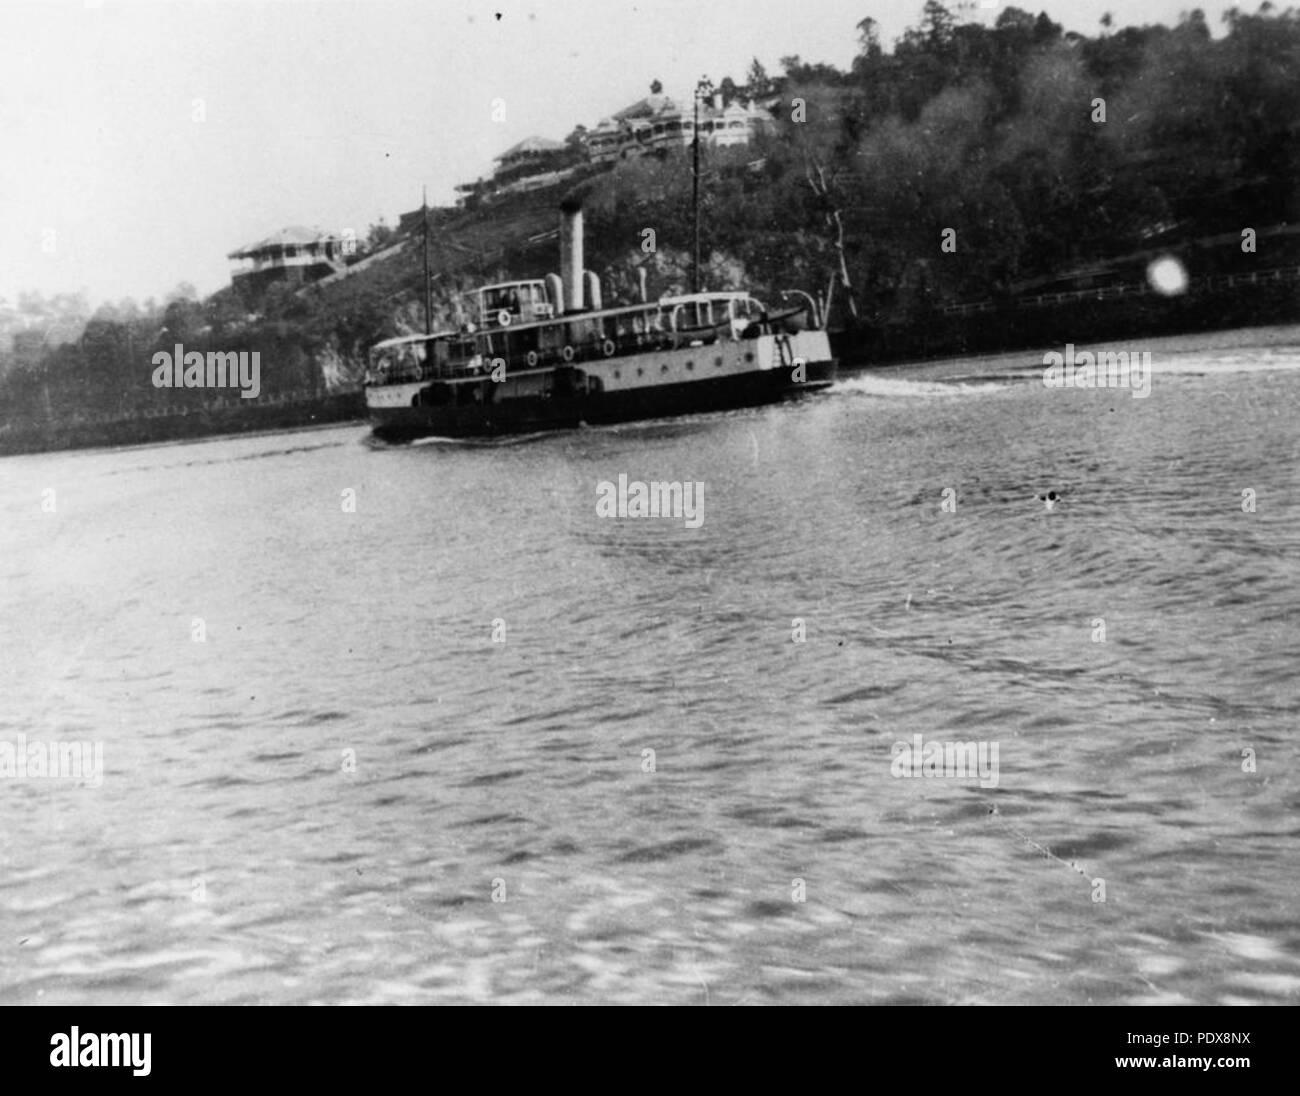 273 StateLibQld 1 80907 Steamship Emerald on Hamilton Reach